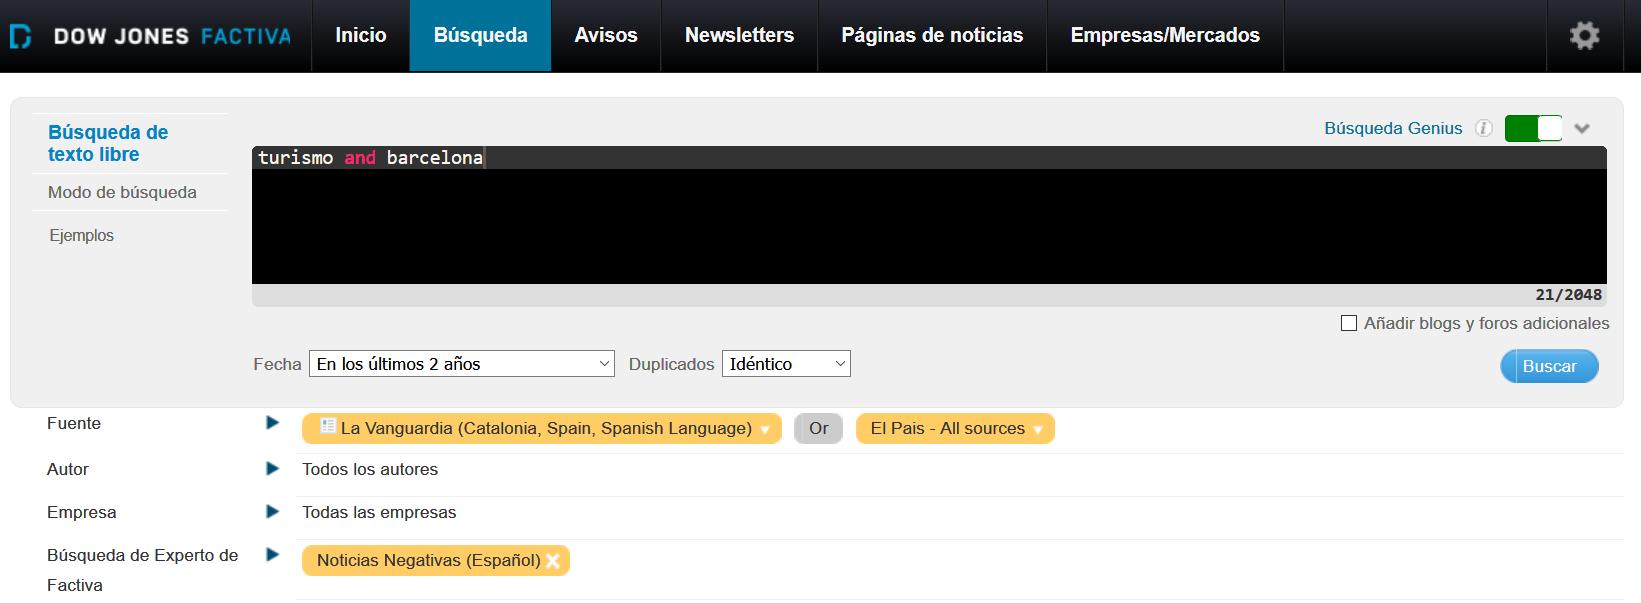 Formulario de búsqueda avanzada de la base de datos de prensa Factiva